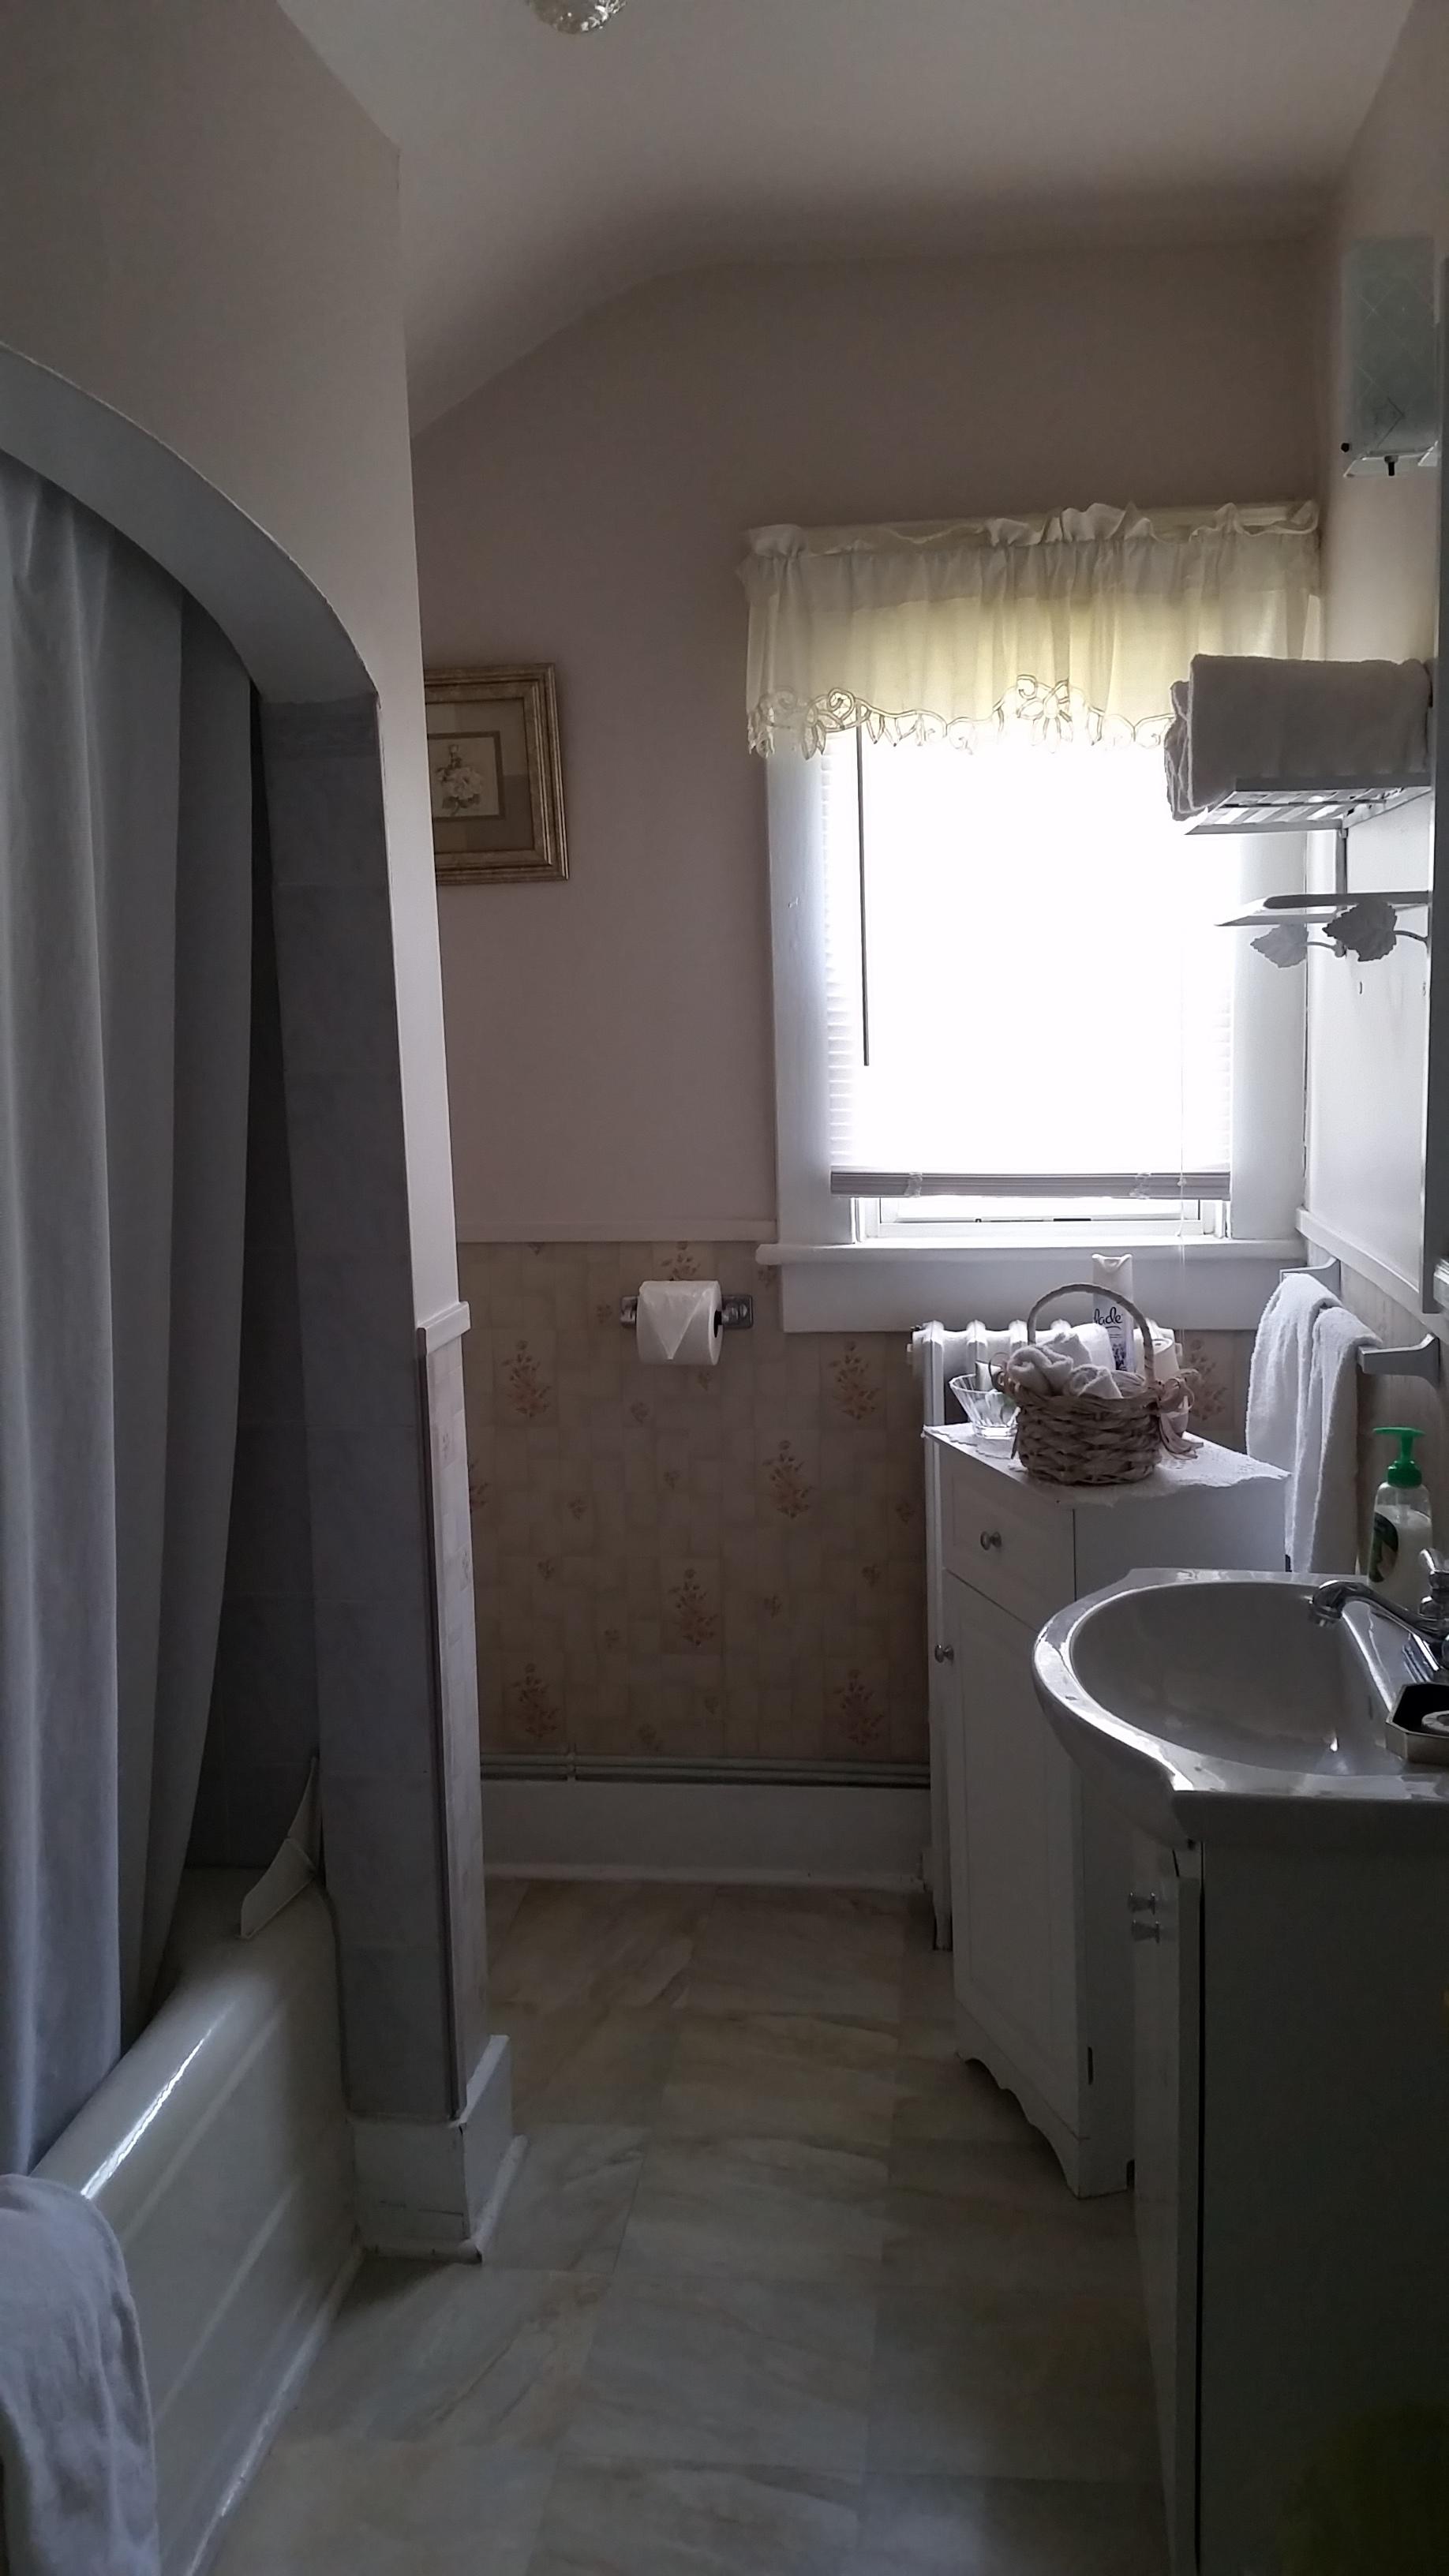 magnolia bathroom may2.jpg